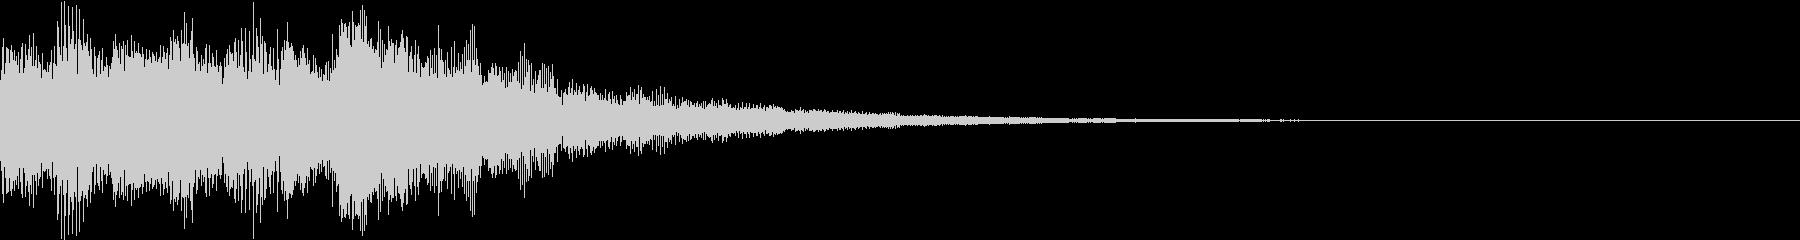 ジングル/レベルアップ/キラキラの未再生の波形